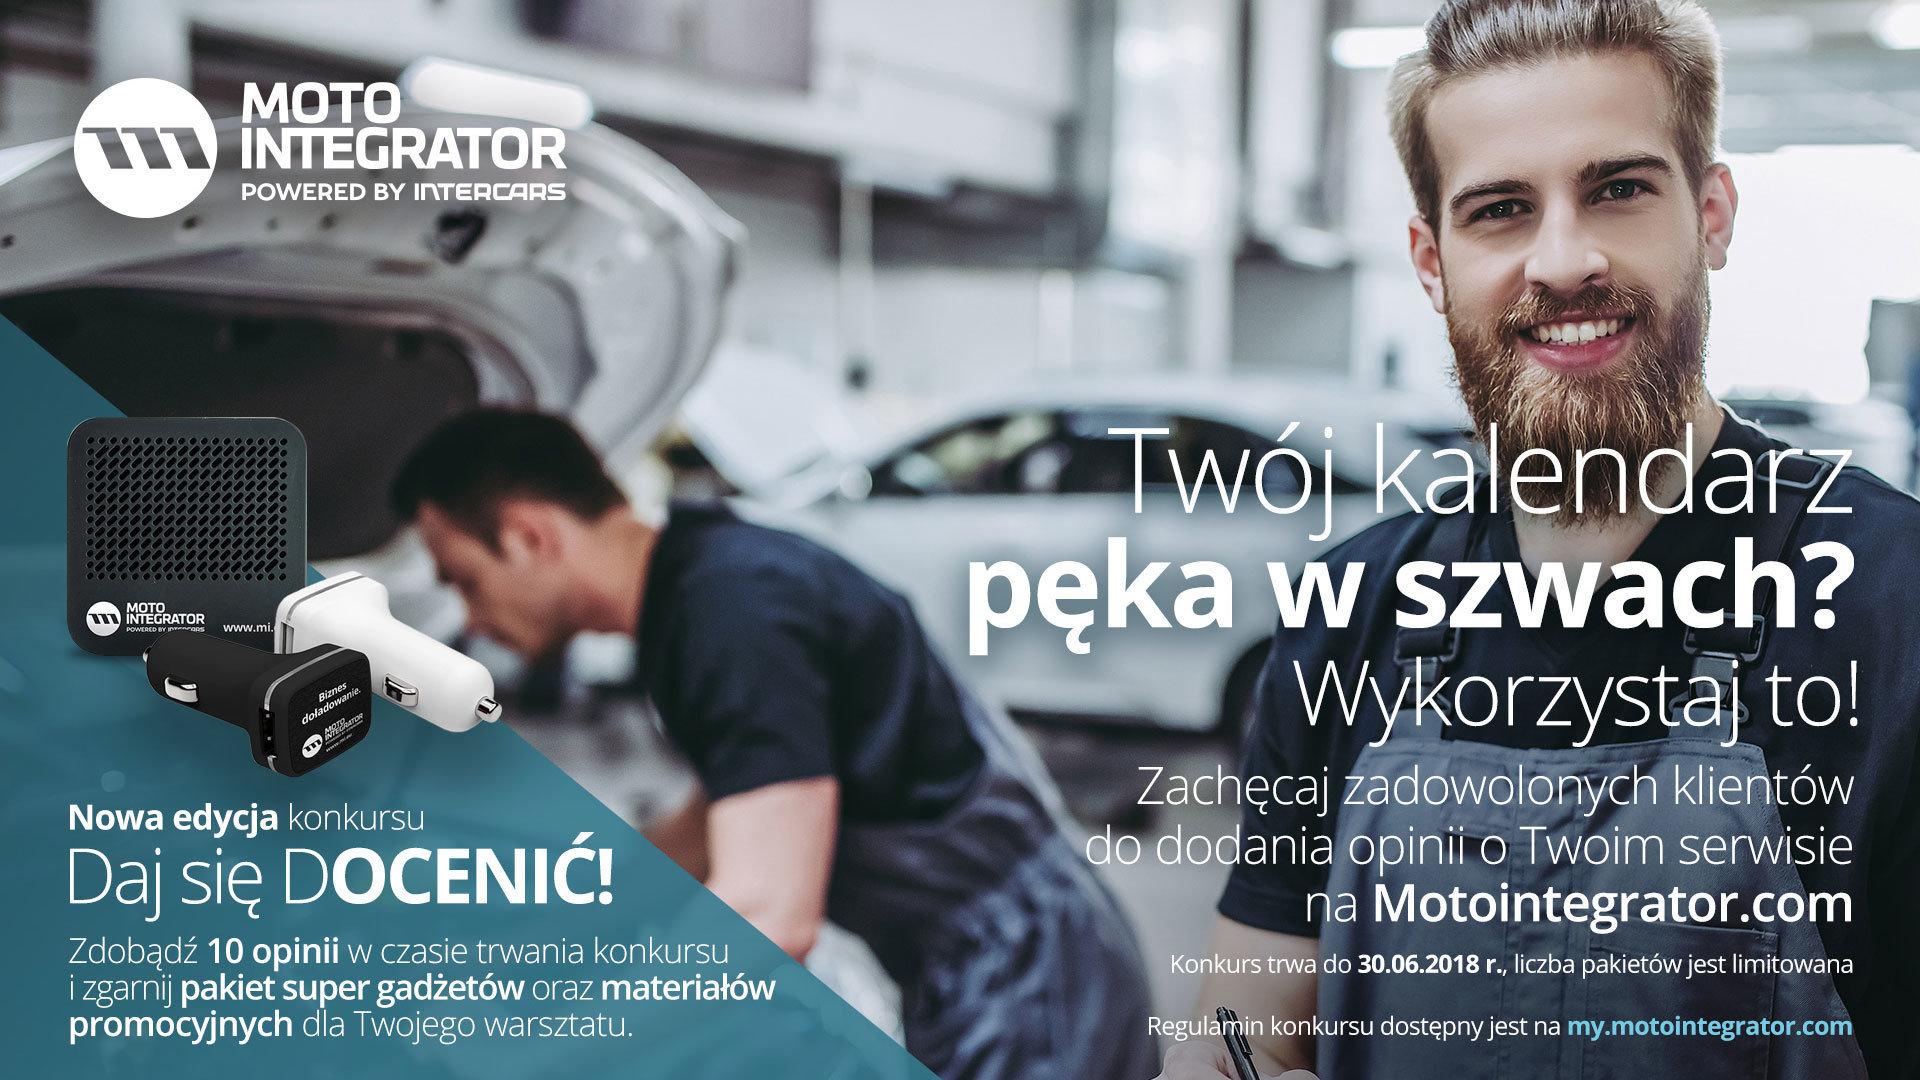 Motointegrator.com rusza z nową edycją konkursu dla warsztatów